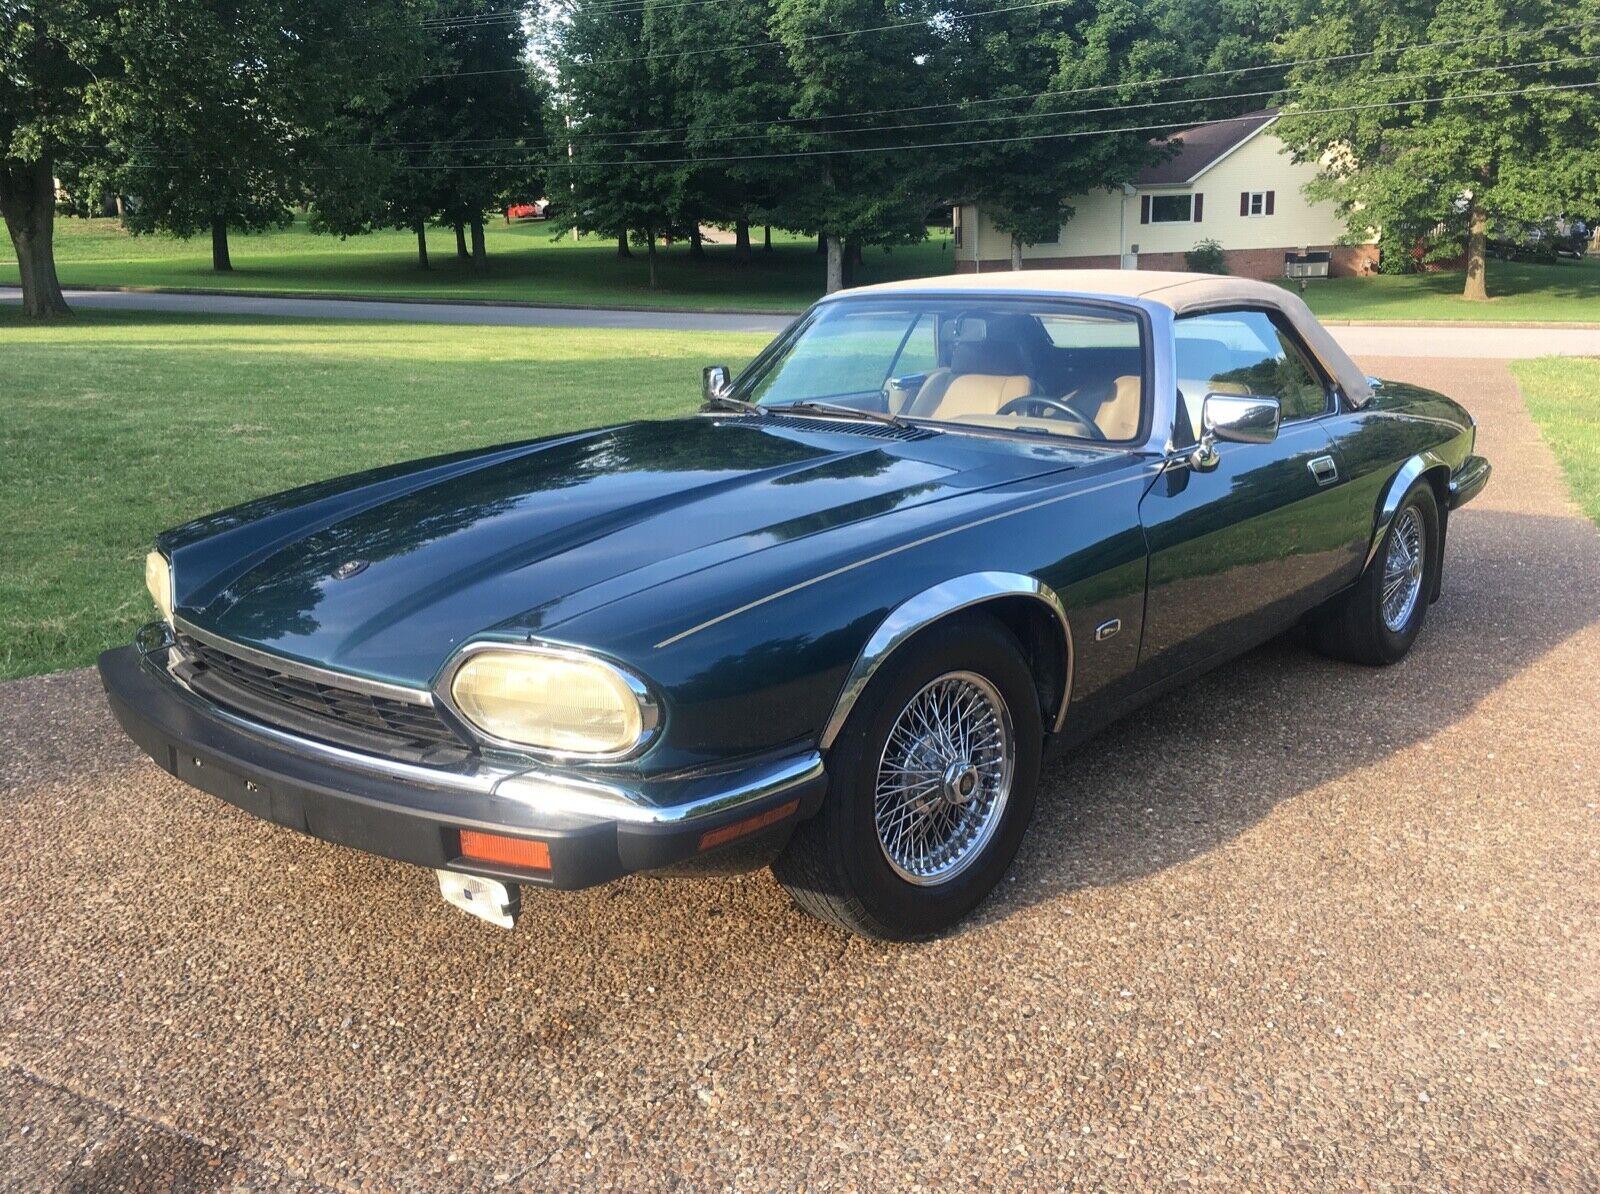 1993 Jaguar XJS  1993 JAGUAR XJS in Excellent Condition